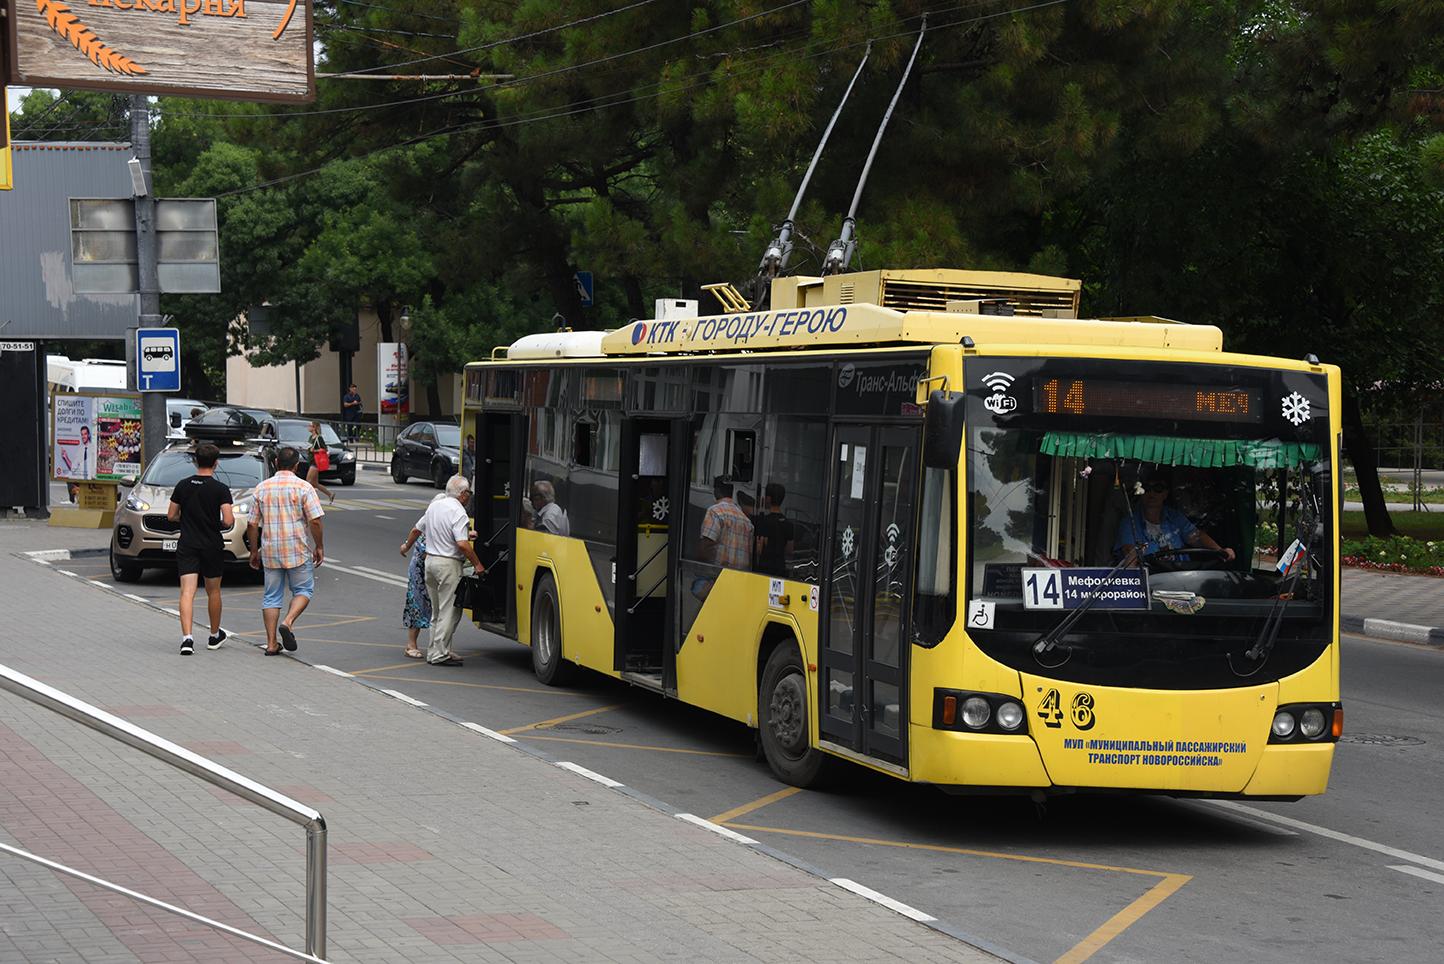 Список льготников для проезда на муниципальном транспорте в Новороссийске расширен